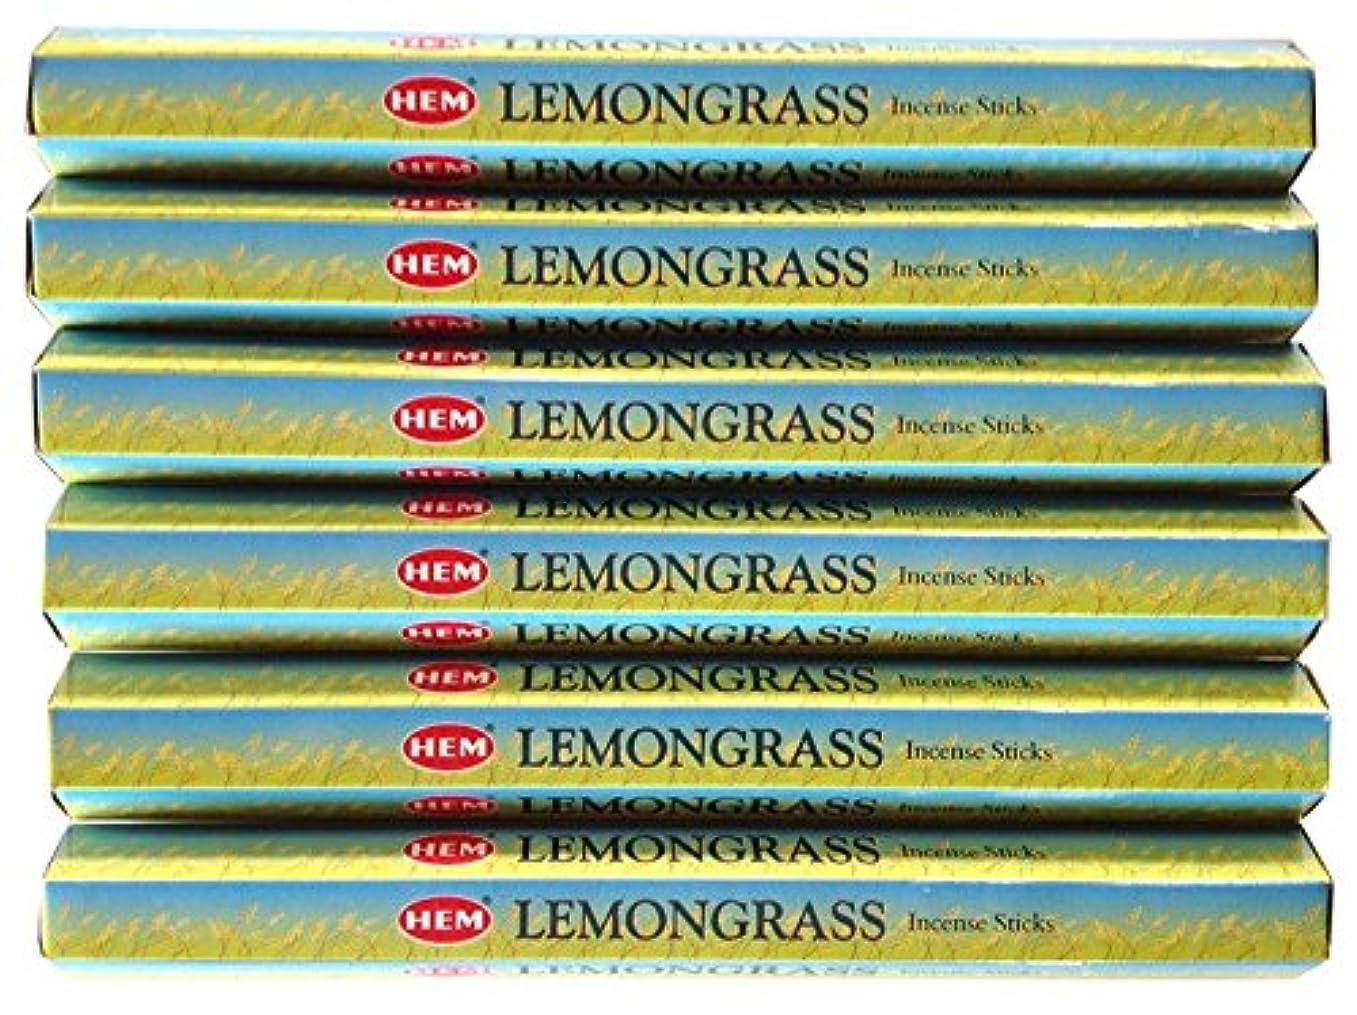 評判こだわり環境に優しいHEM レモングラス 6個セット